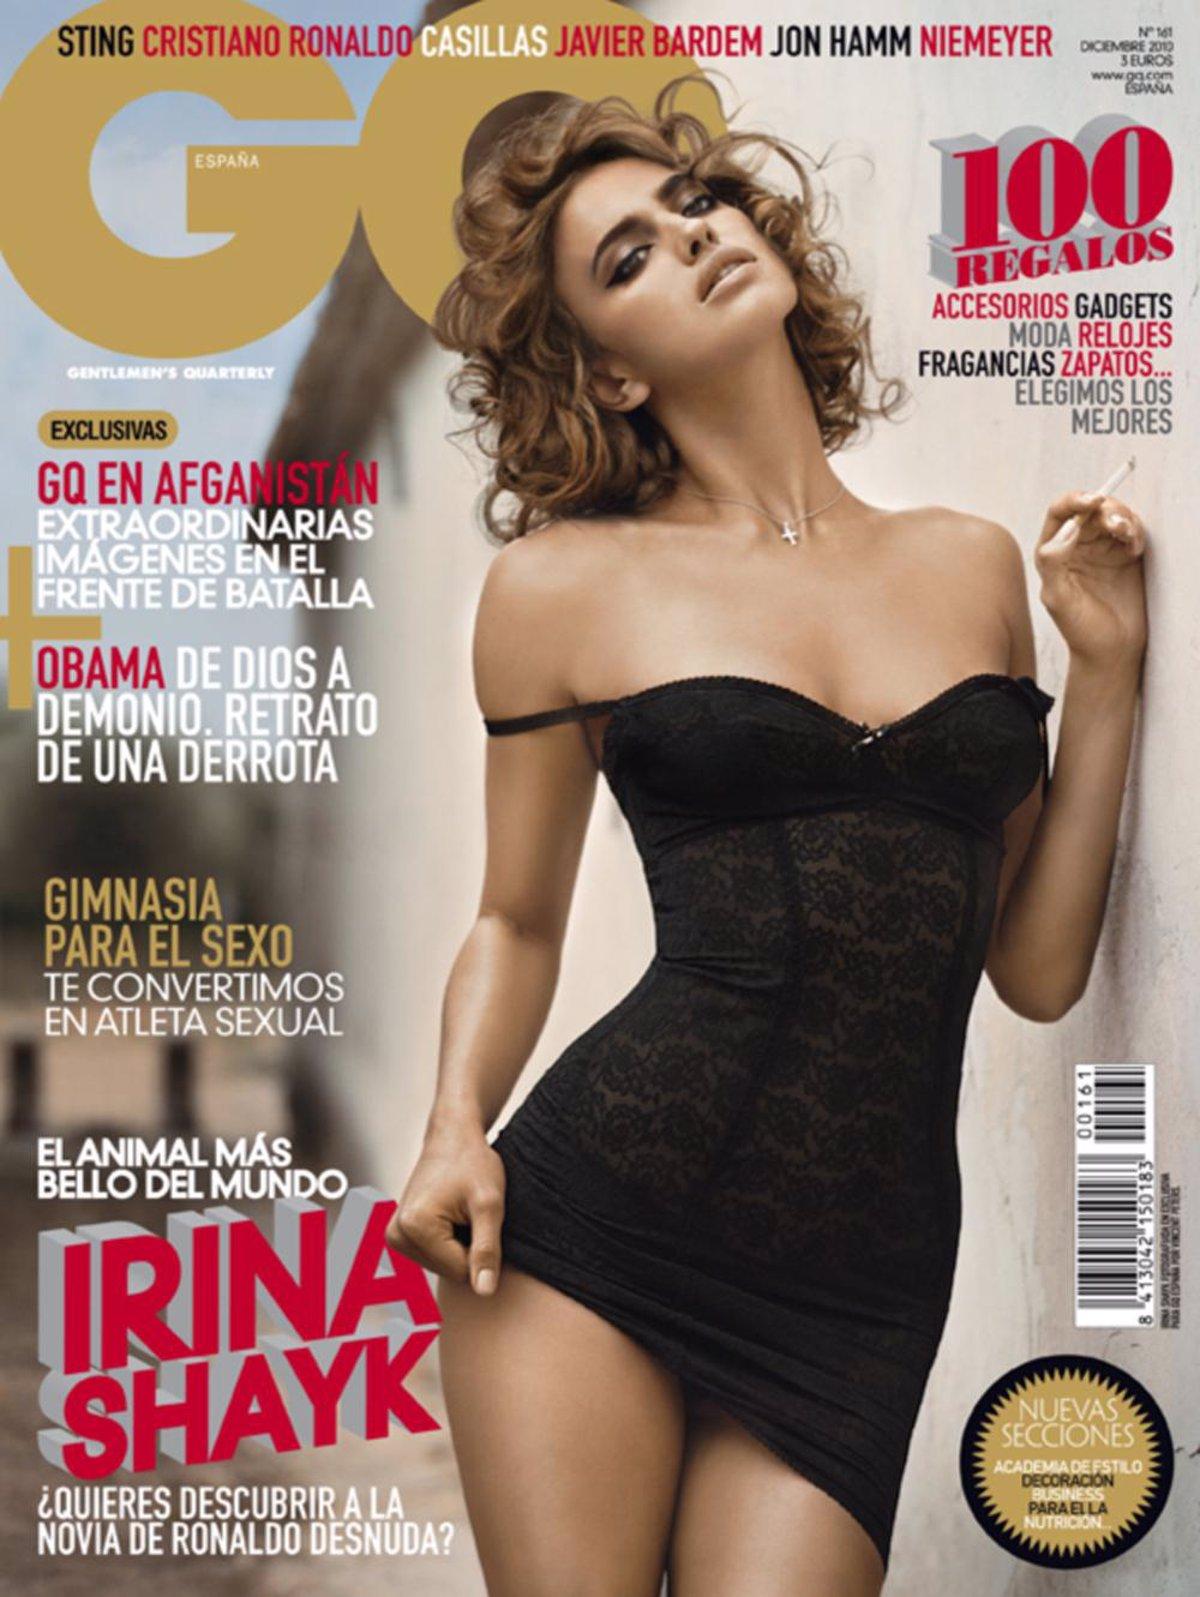 Irina Shayk Se Desnuda Por Dentro Y Por Fuera